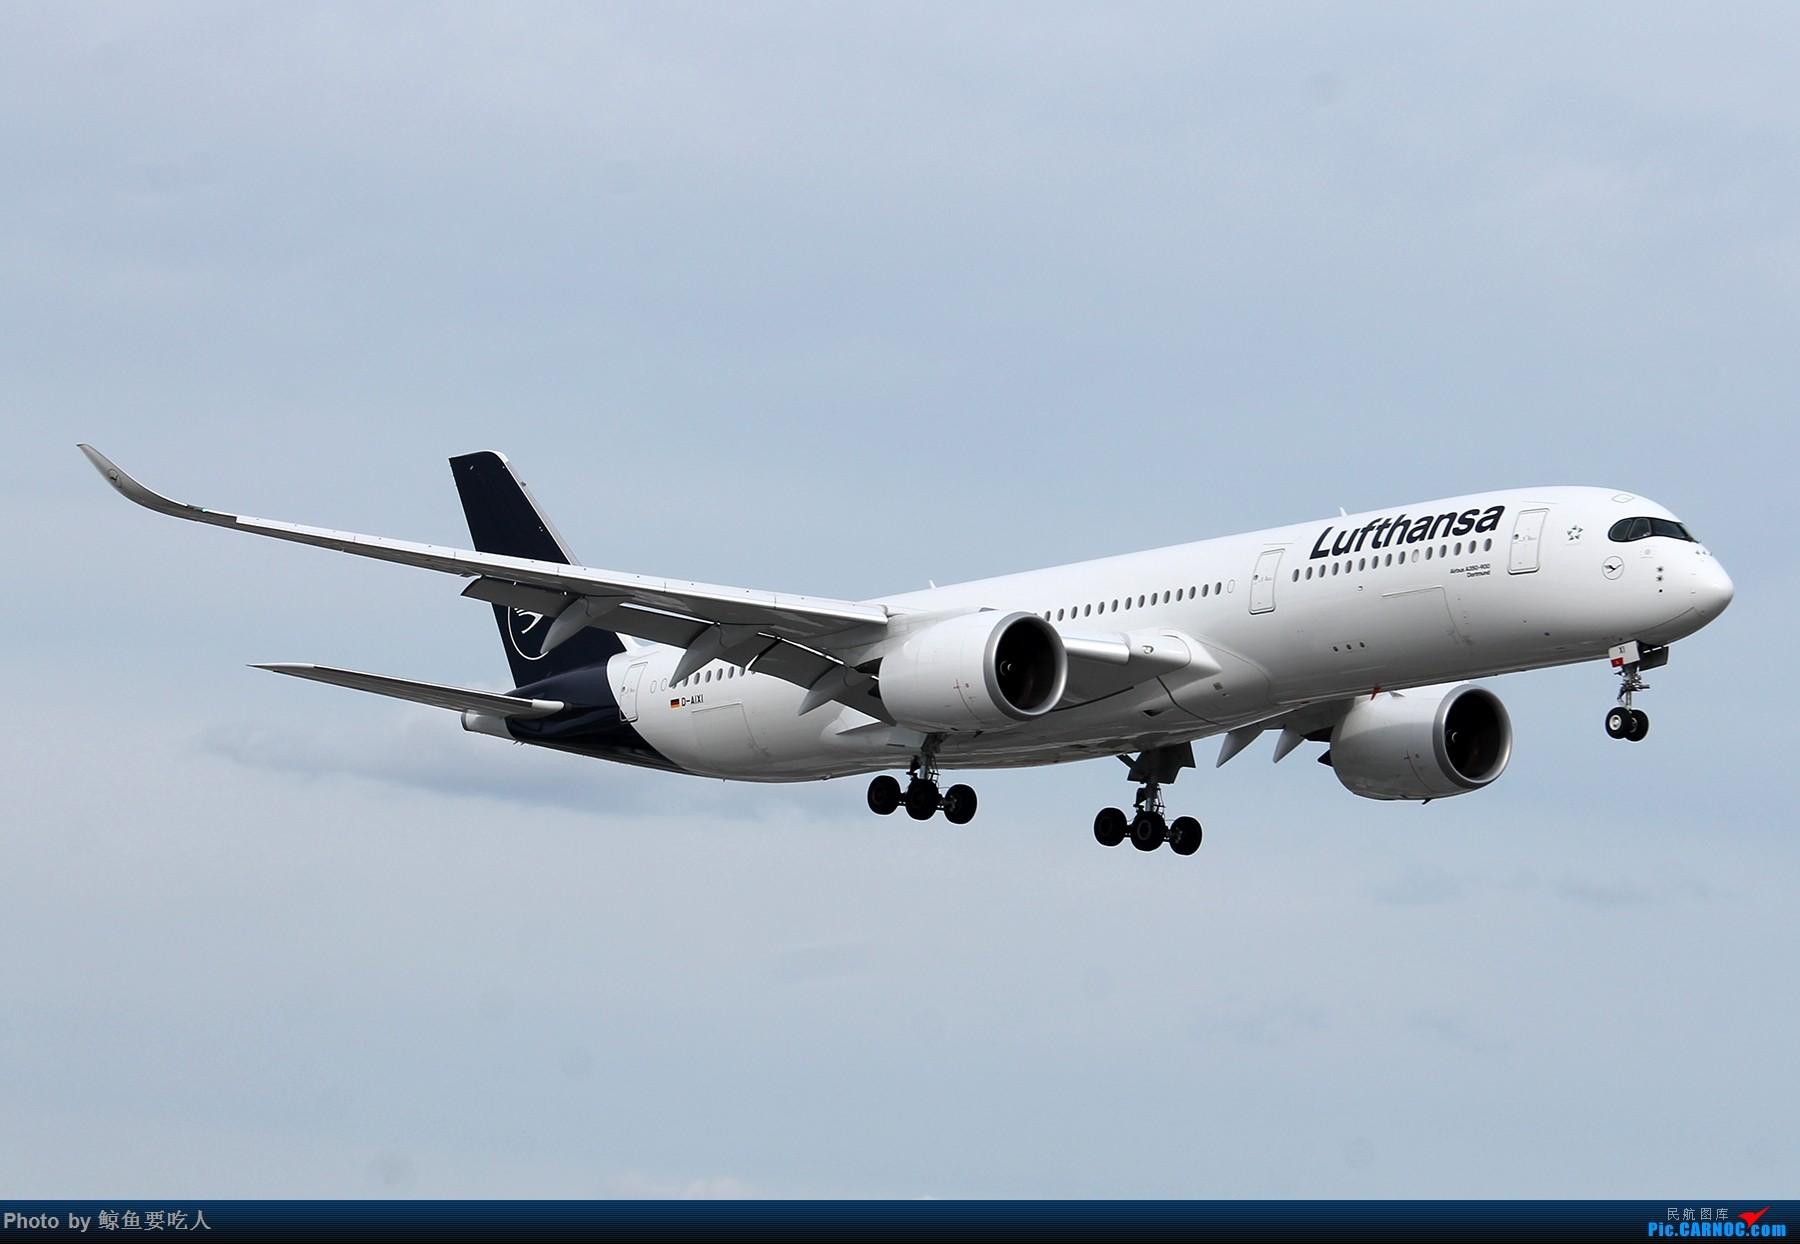 Re:[原创][YYZ] 多伦多皮尔逊国际机场 阴天起降一组~~~ AIRBUS A350-900 D-AIXI 多伦多皮尔逊国际机场